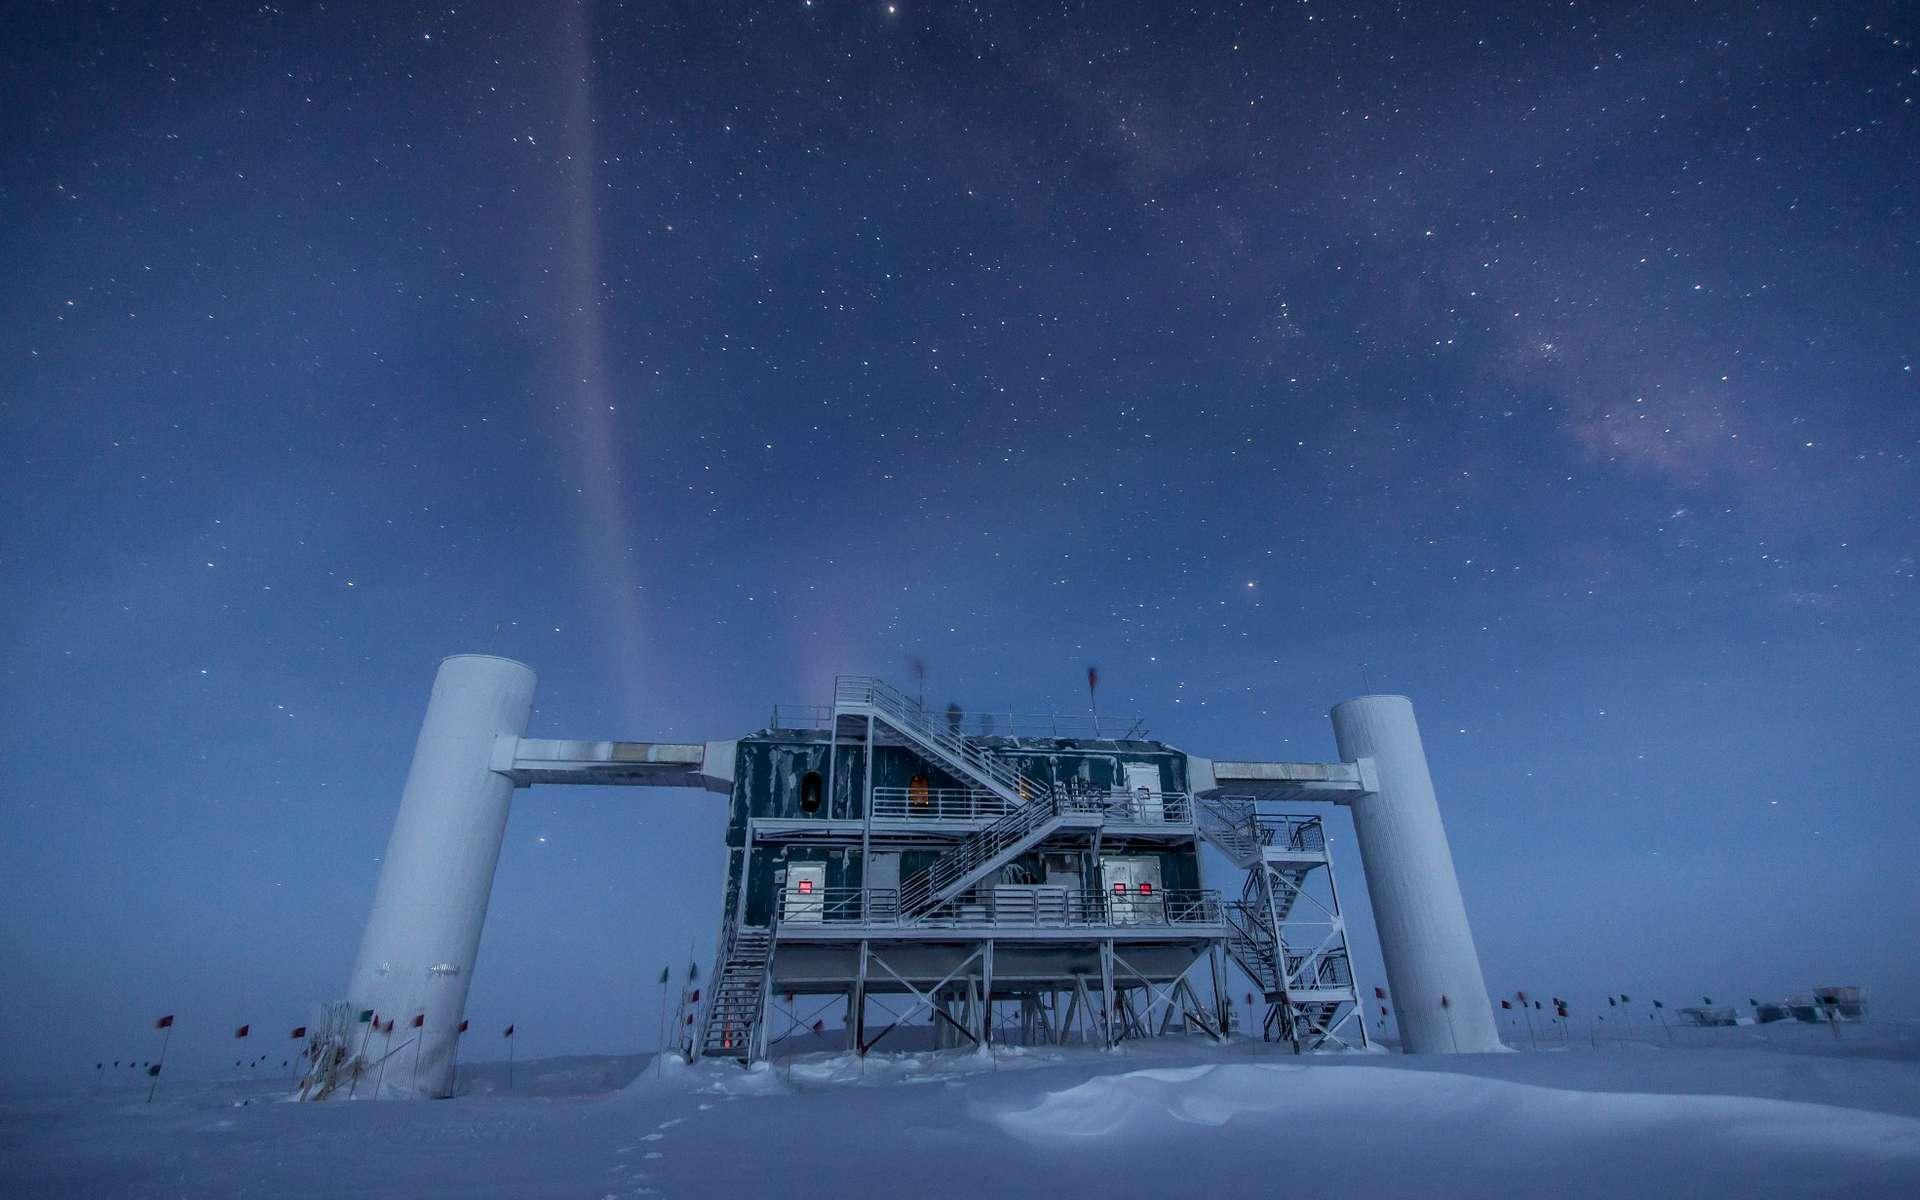 IceCube en Antarctique. © Felipe Pedreros, IceCube/NSF